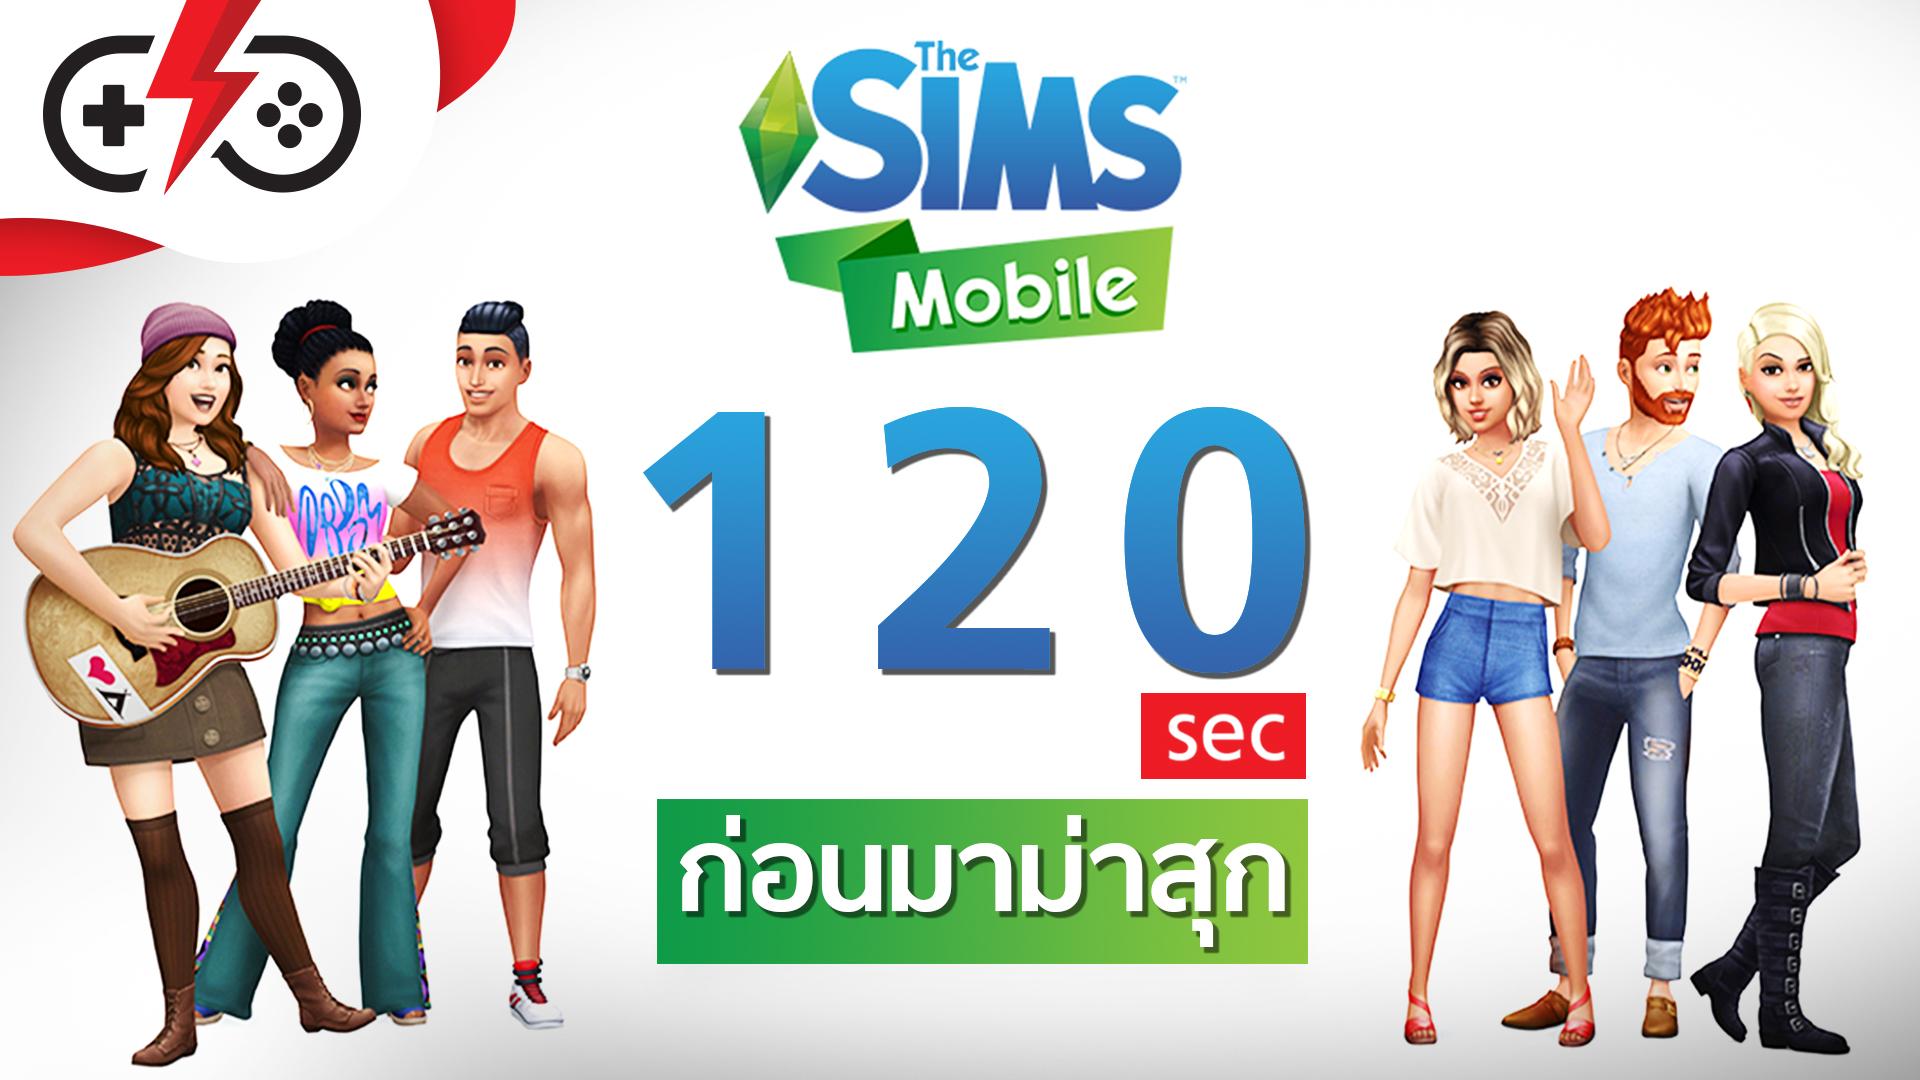 The Sims Mobile ส่องกล้องมองเกมในสองนาที  มาม่ายังไม่สุกก็รู้เรื่อง